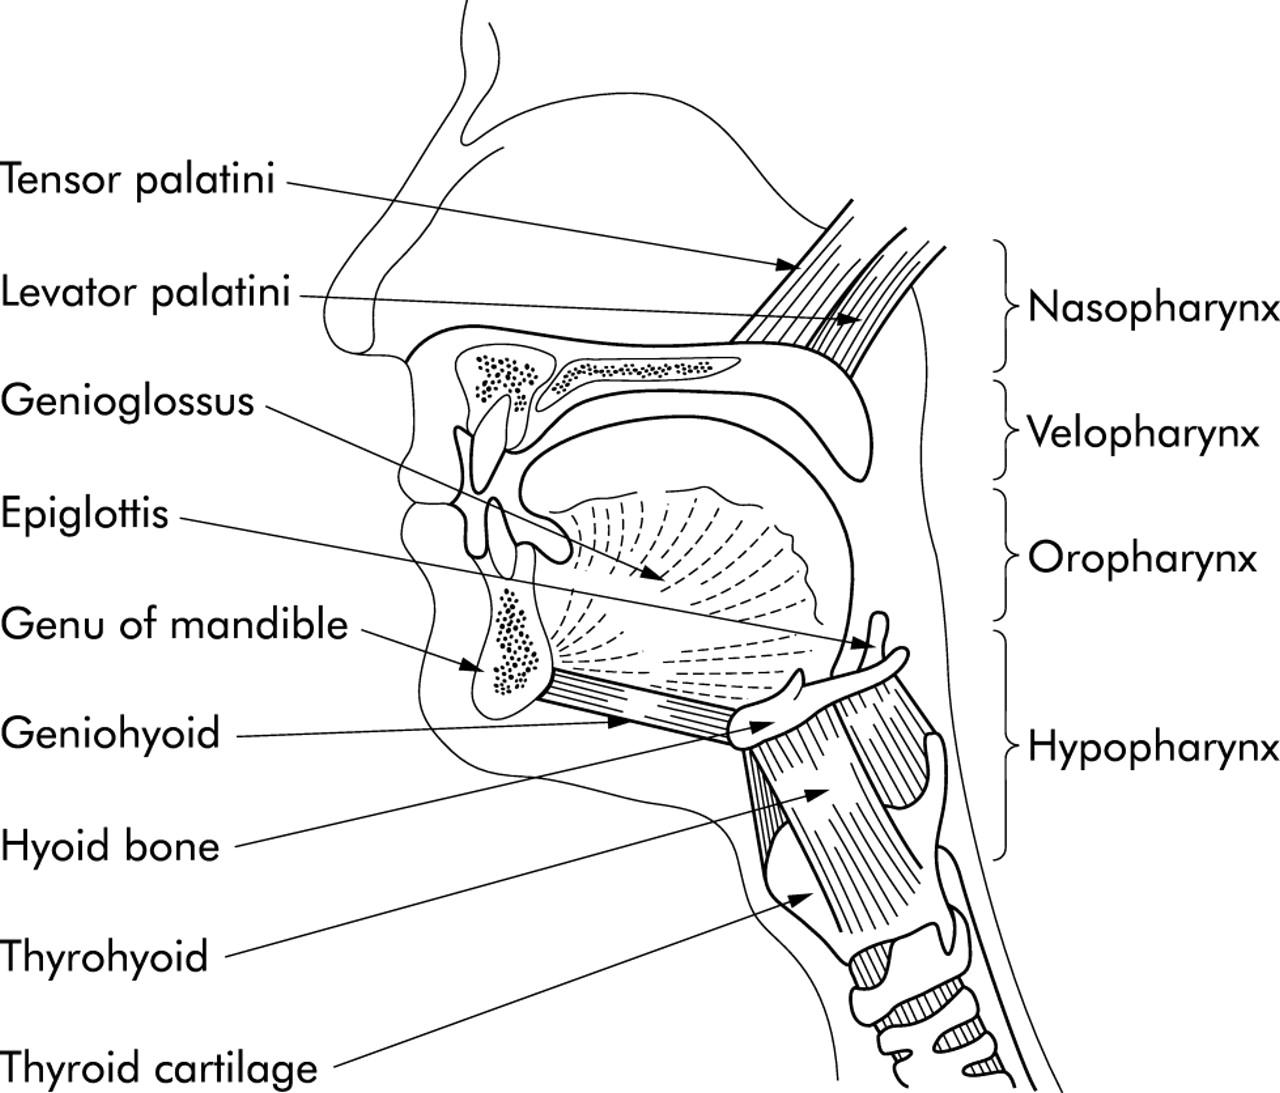 Sleep 2 Pathophysiology Of Obstructive Sleep Apnoea